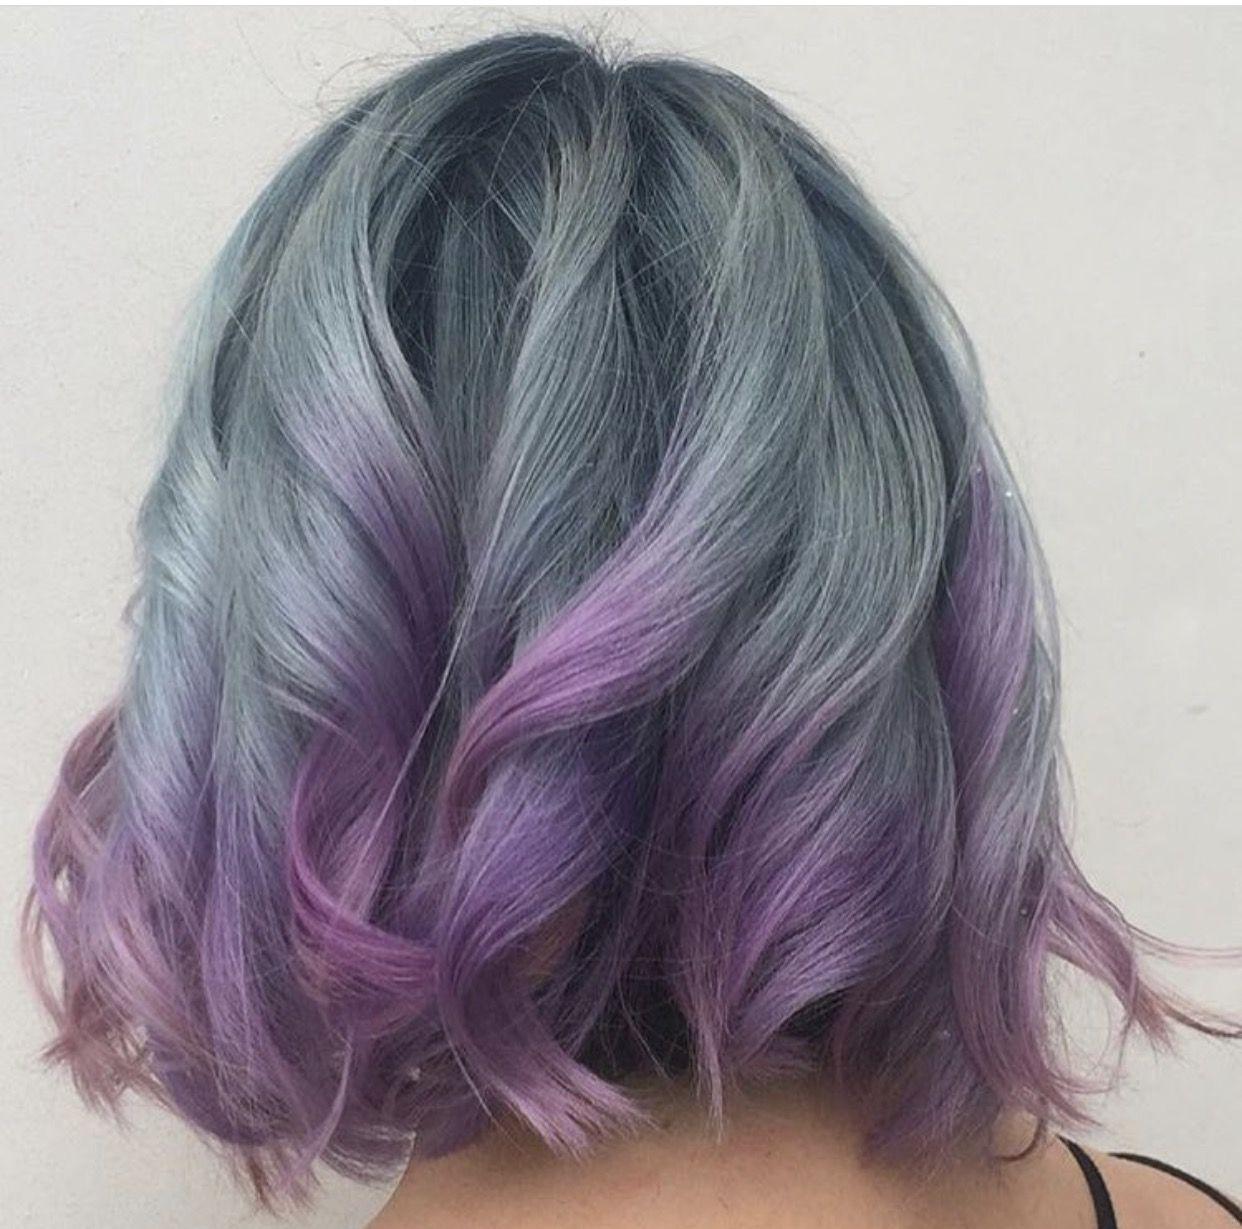 Pin by honey rose on lovely locks pinterest hair coloring dye